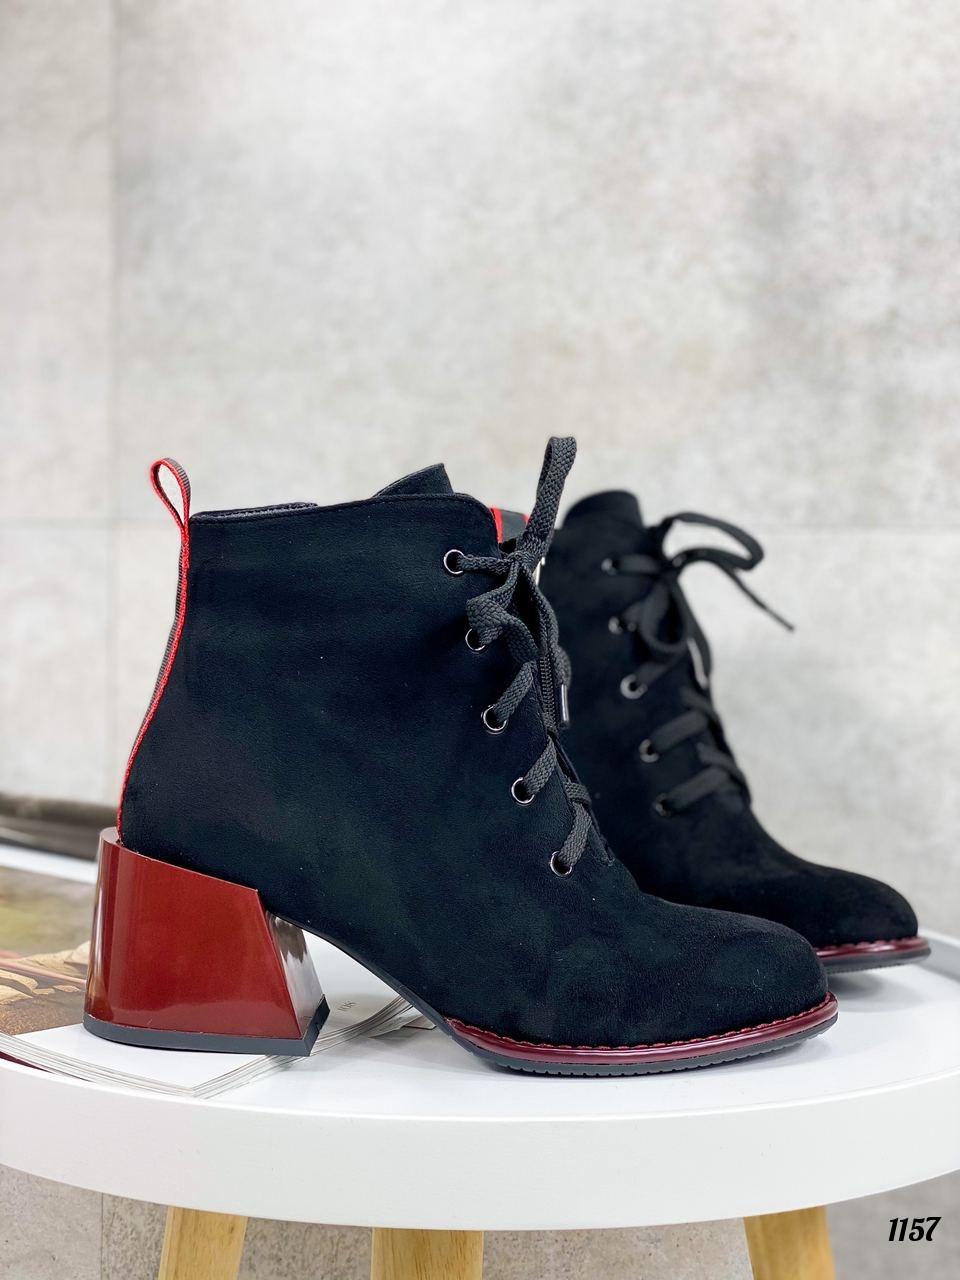 Женские ботильоны- ботинки ДЕМИ / осенние на каблуке 6 см черные с красным эко замша